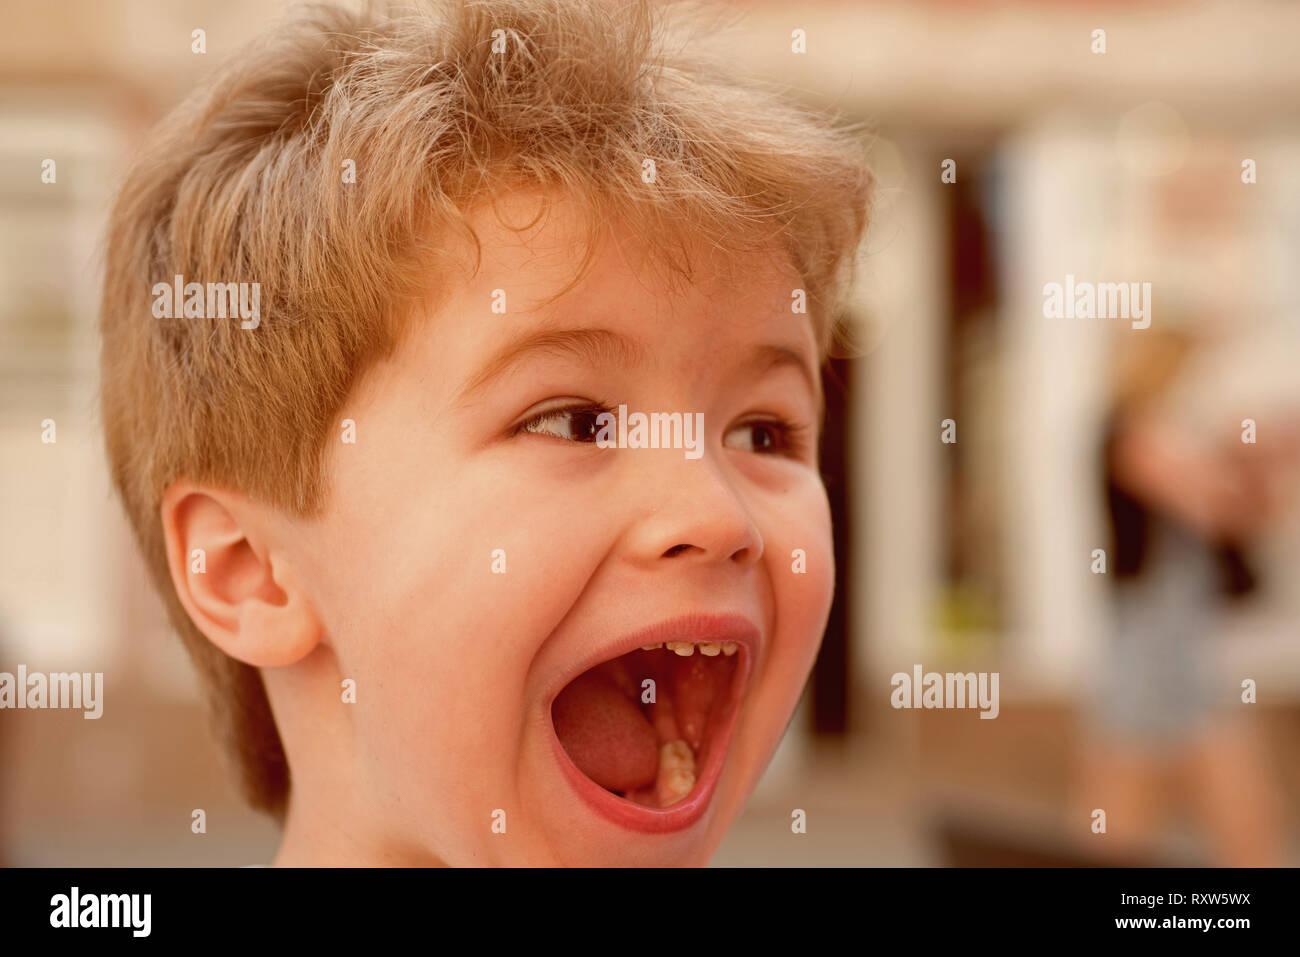 Piena Di Emozioni Bambino Con Un Elegante Taglio Di Capelli